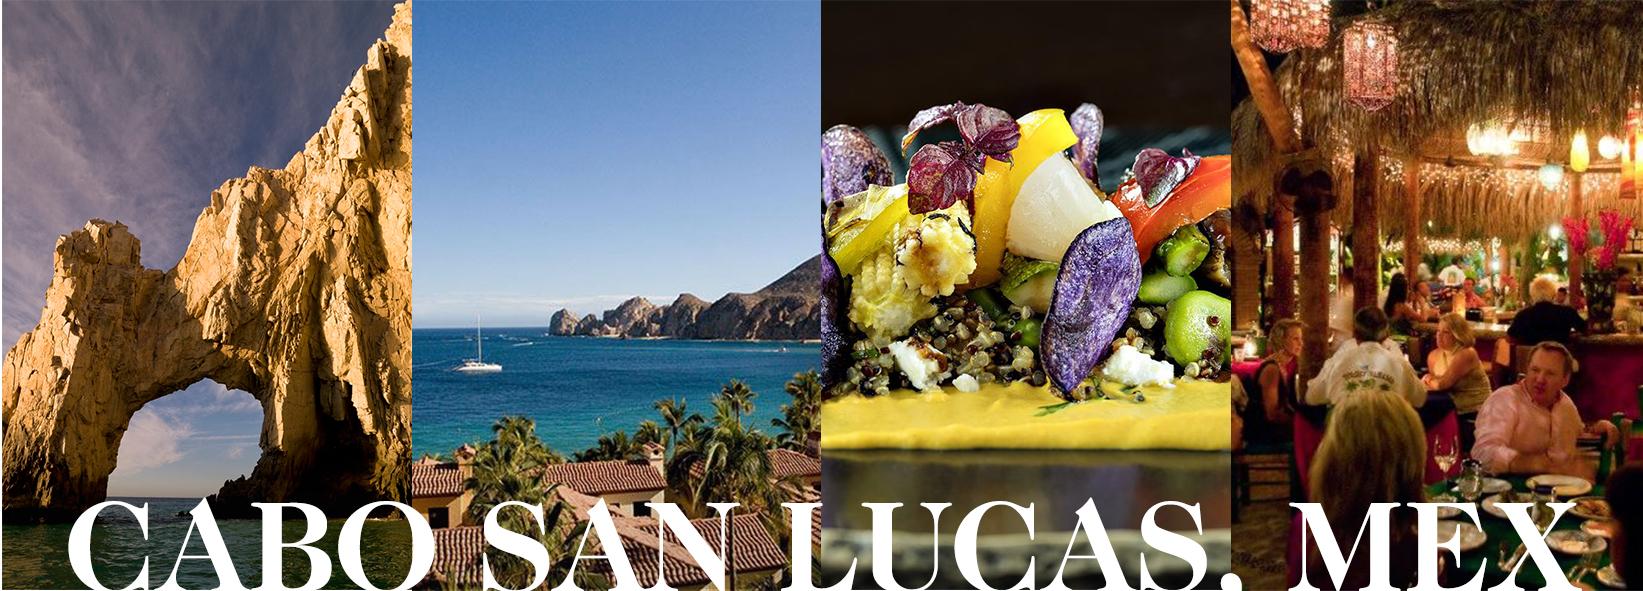 Cabo San Lucas, Mexico banner